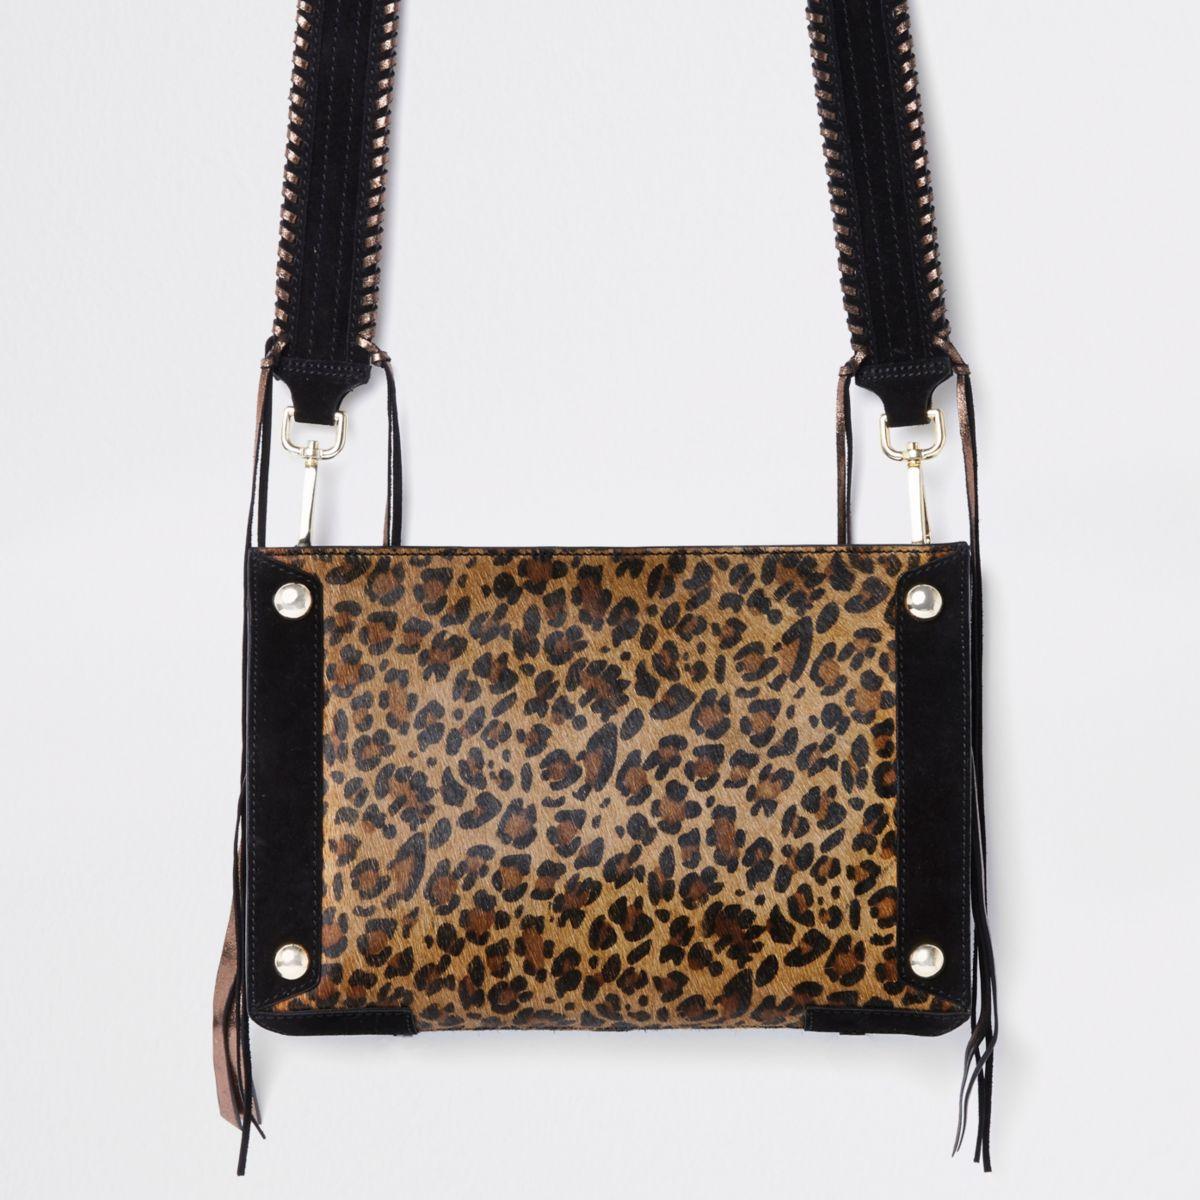 Beige leather leopard print cross body bag